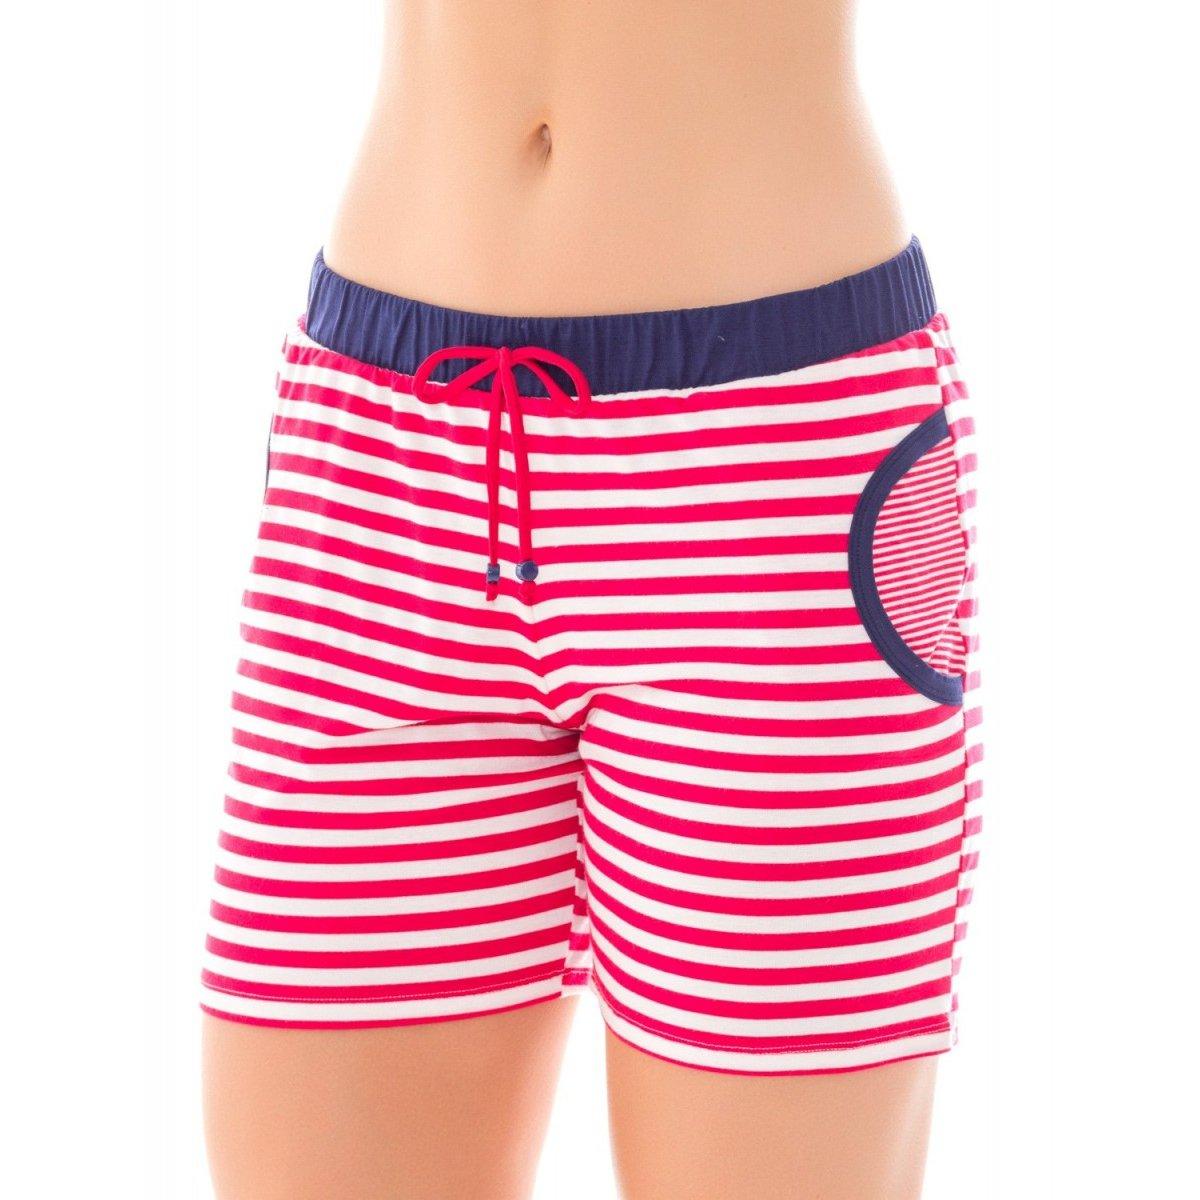 Pijama Baunilha Pijama Listrado Recco Feminino Feminino 09541 Marinho rfUI8arq